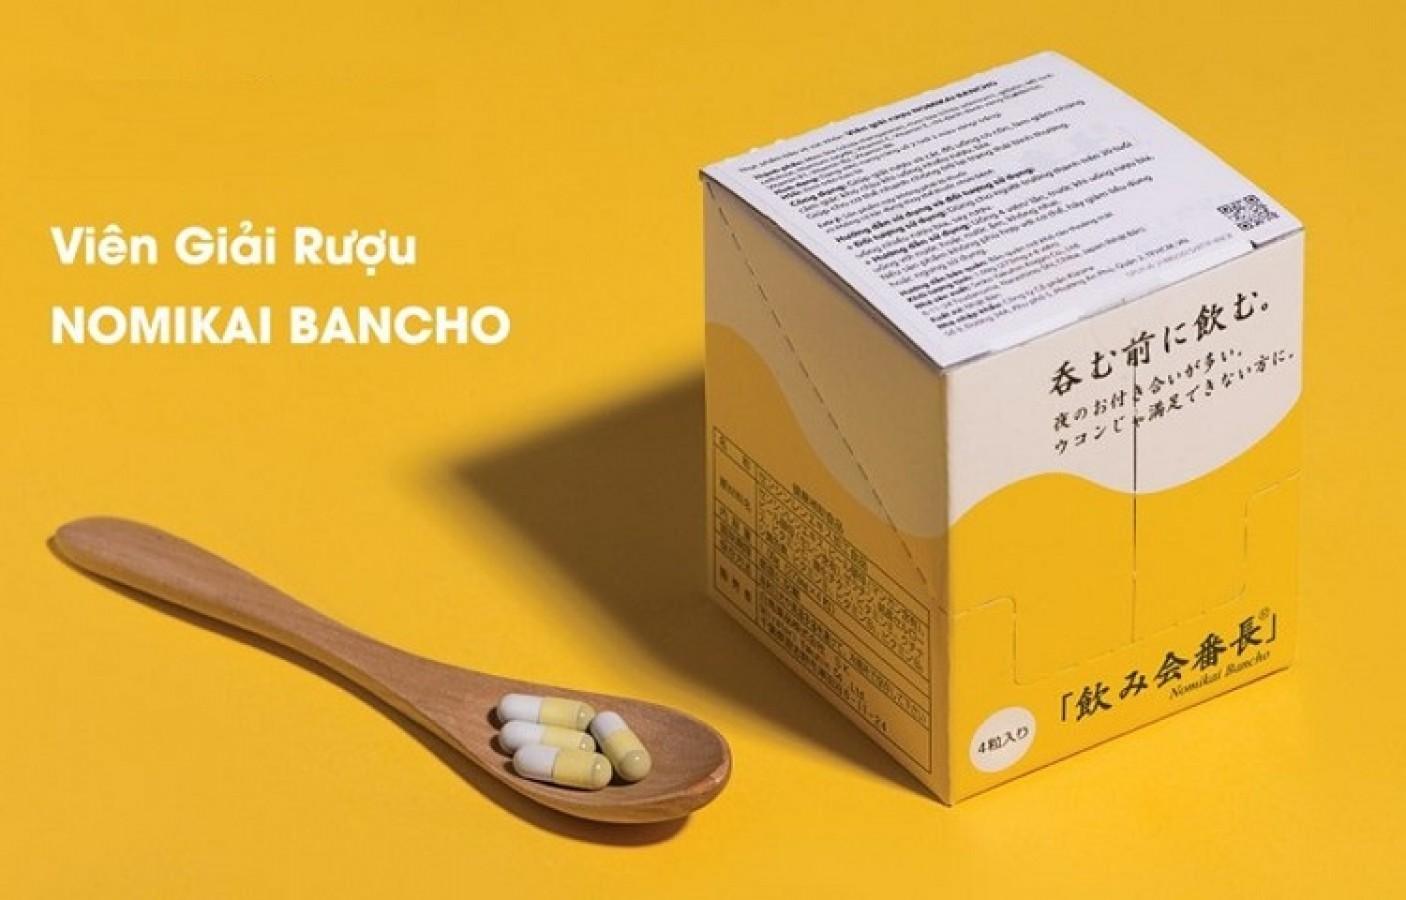 Viên Uống Giải Rượu Nomikai Bancho Nhật Bản